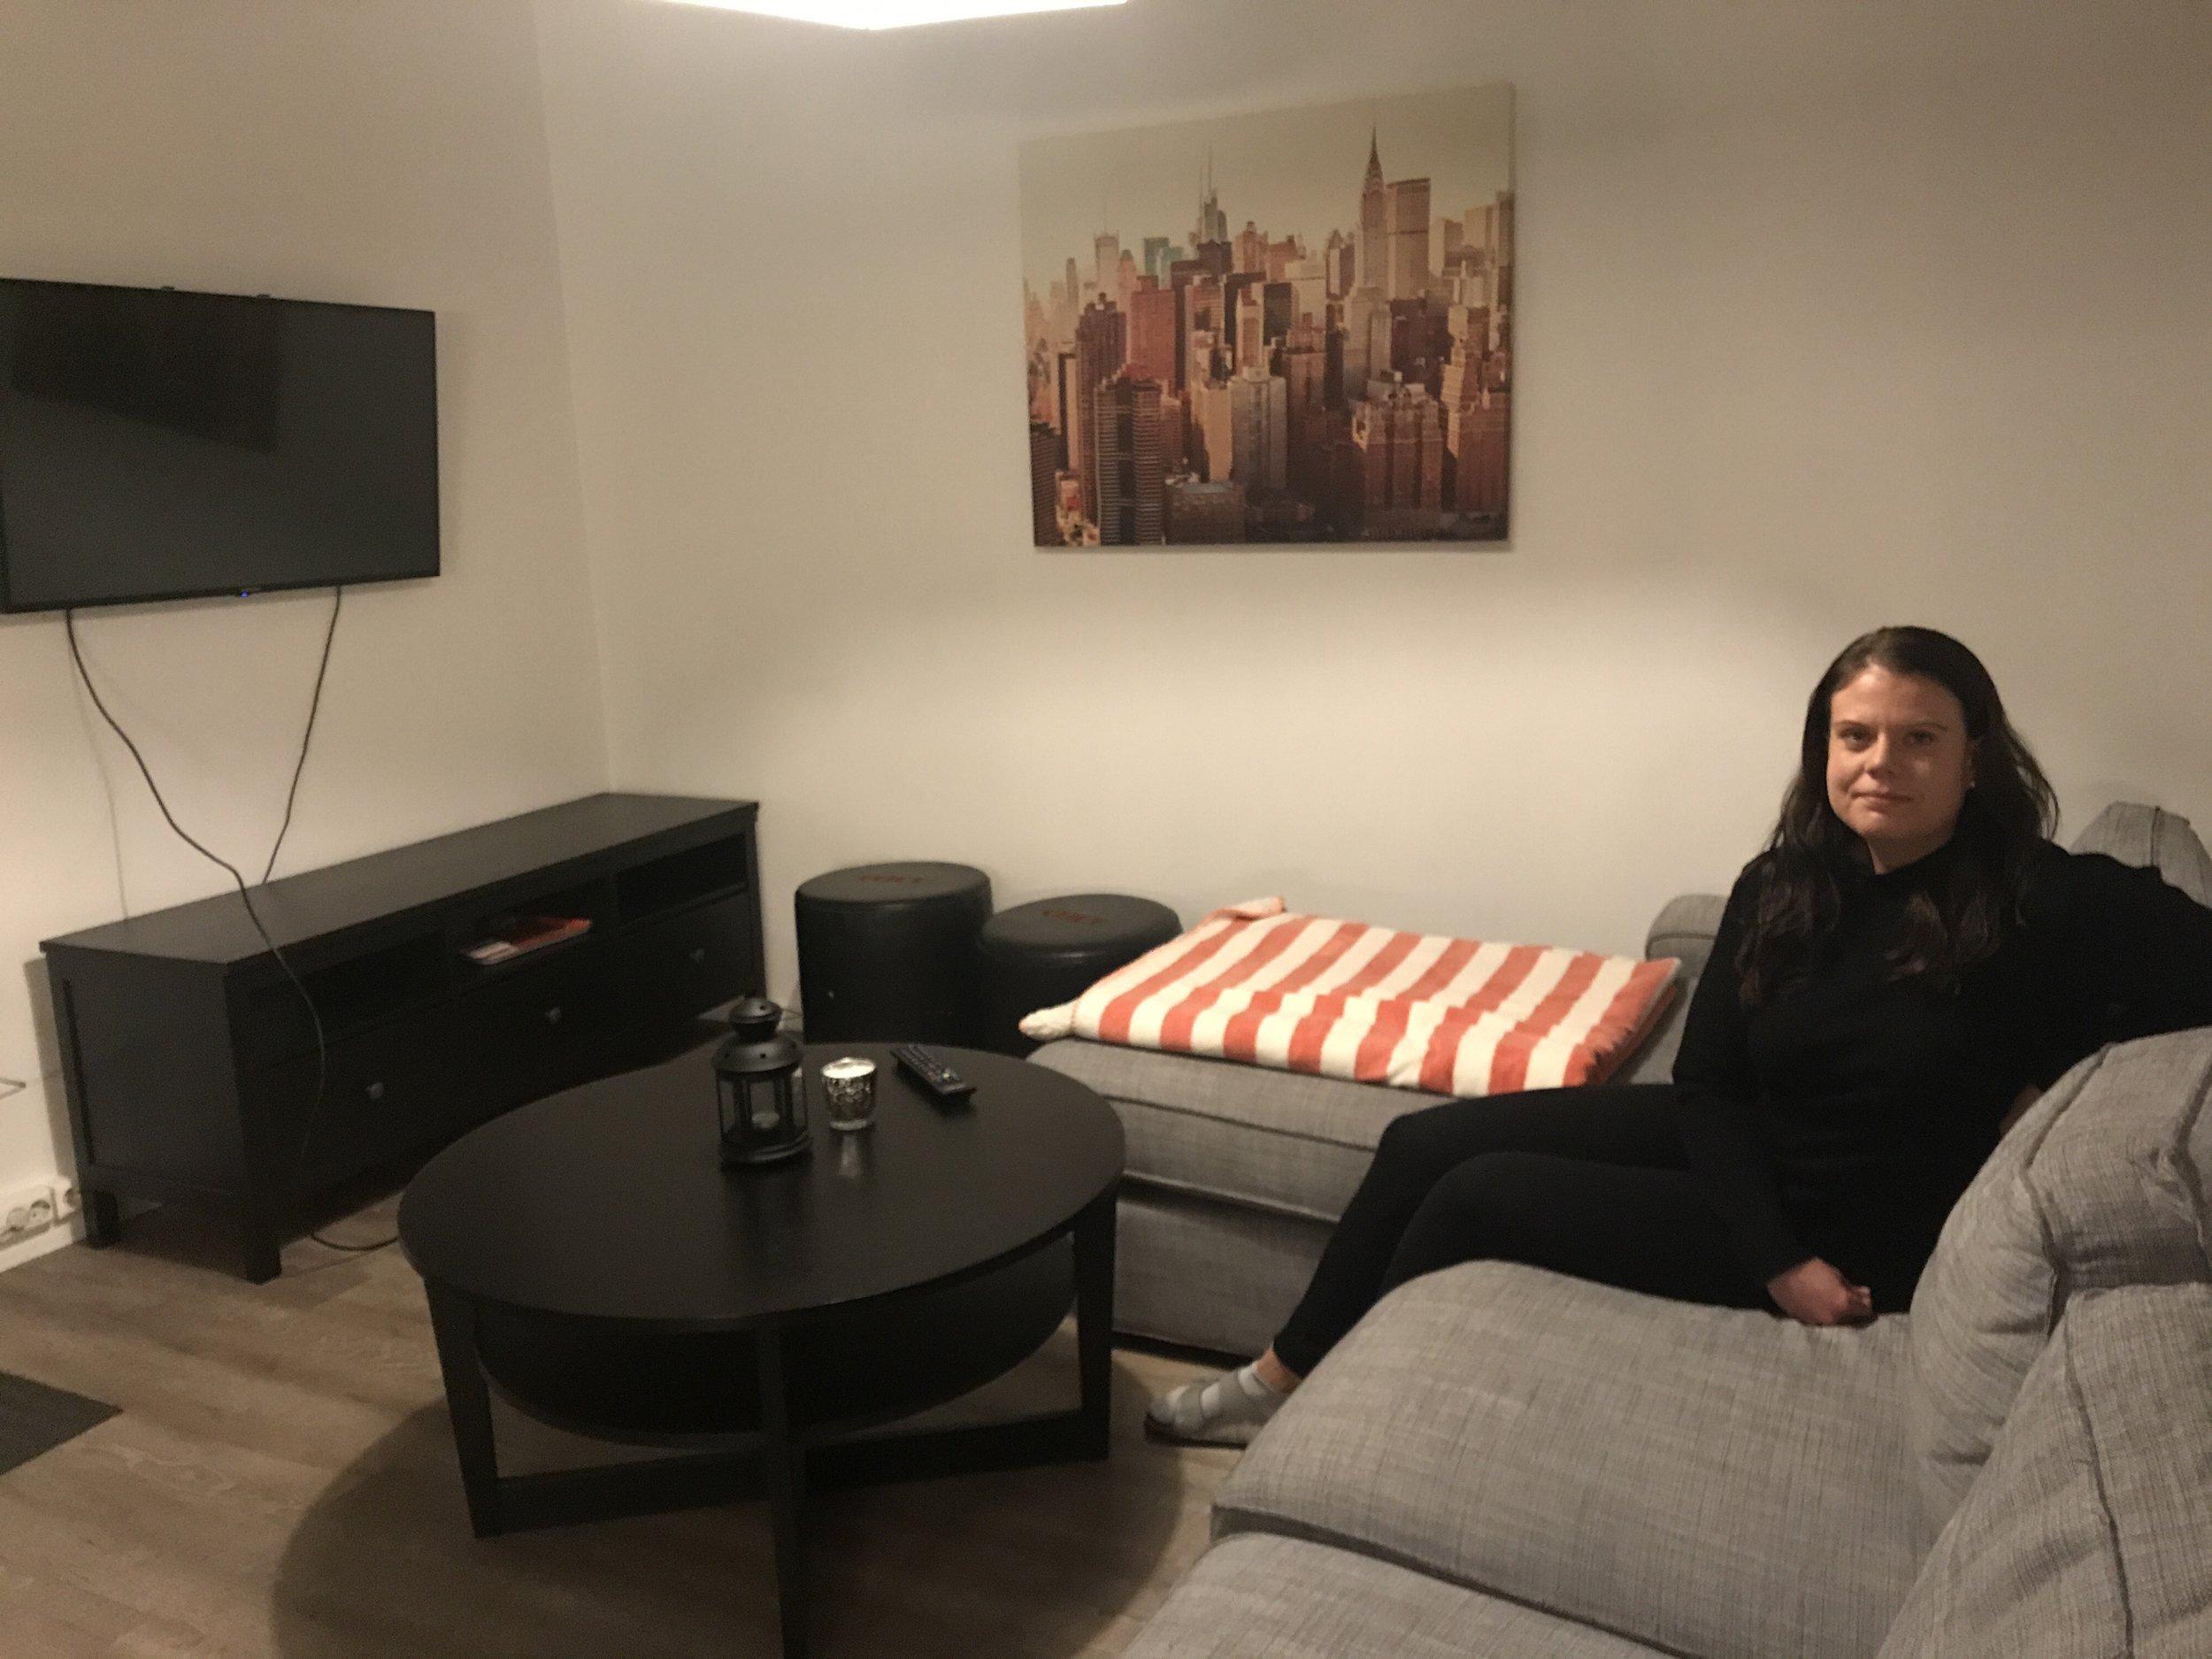 Caroline, 28 - Jag har bott i Oslo och på Svenska Föreningen i över 5 år nu. Då jag såg efter boende innan min flytt till Oslo letade jag efter ett billigt, rent och centralt boende och Svenska Föreningen var just det. Rummet är möblerat och likaså kök och andra allmänna ytor, något som gjorde det väldigt enkelt att flytta in. Personalen är väldigt tillmötesgående och alltid tillgängliga, dygnet runt, när det uppstår problem. Det är något som har fått mig att känna mig trygg. Att bo med primärt svenskar i samma åldrar har också varit en trygghet då man flyttat utomlands. Jag kan varmt rekommendera Svenska Föreningen både som första boende i Norge, men även som långtidsboende. Många jag känner här har bott här i över 1-2 år.CarolineFebruari 2018